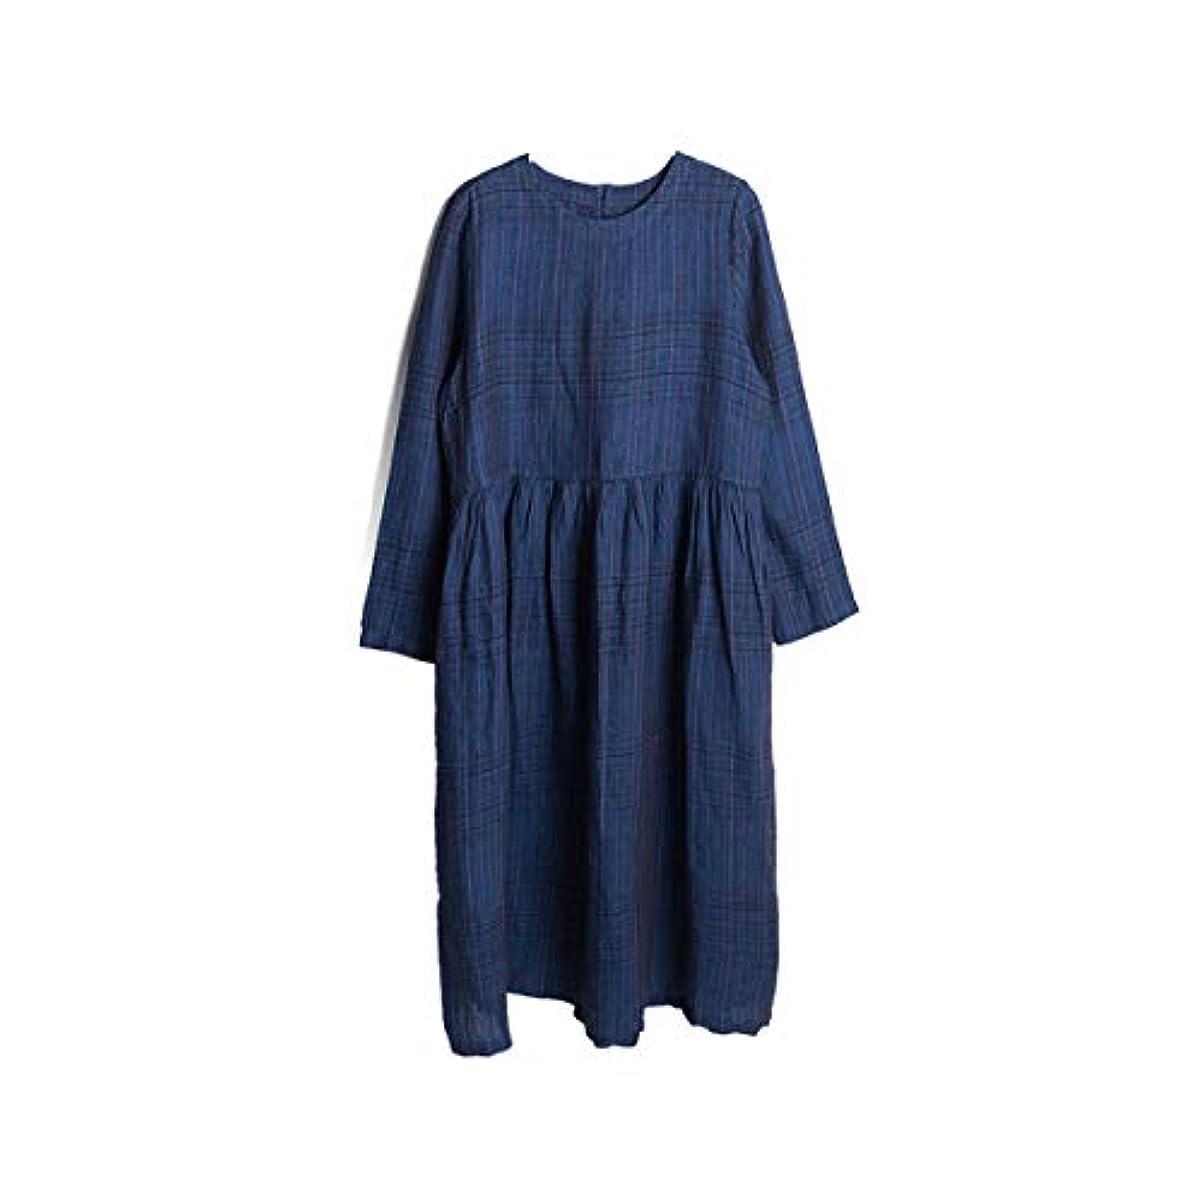 福祉ほぼアミューズ女性のドレス - ラウンドネックウエストリネンアートレトロ長袖ドレス